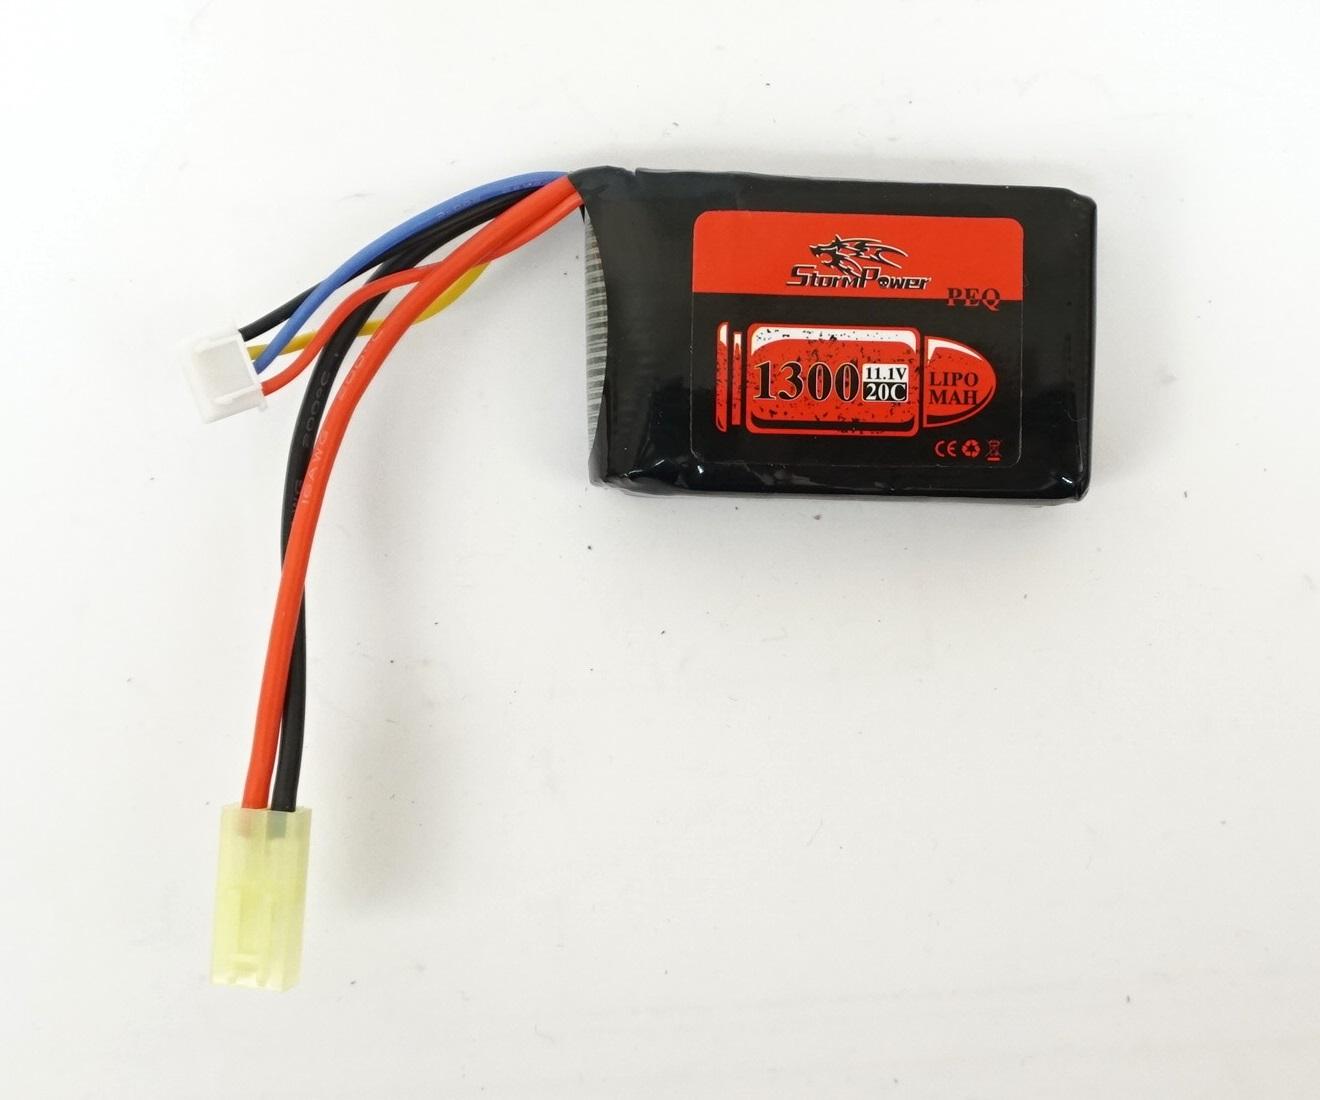 Аккумулятор Storm Power Li-Po 11.1V 1300mah 20C, 66x42x17 мм (SP-030)